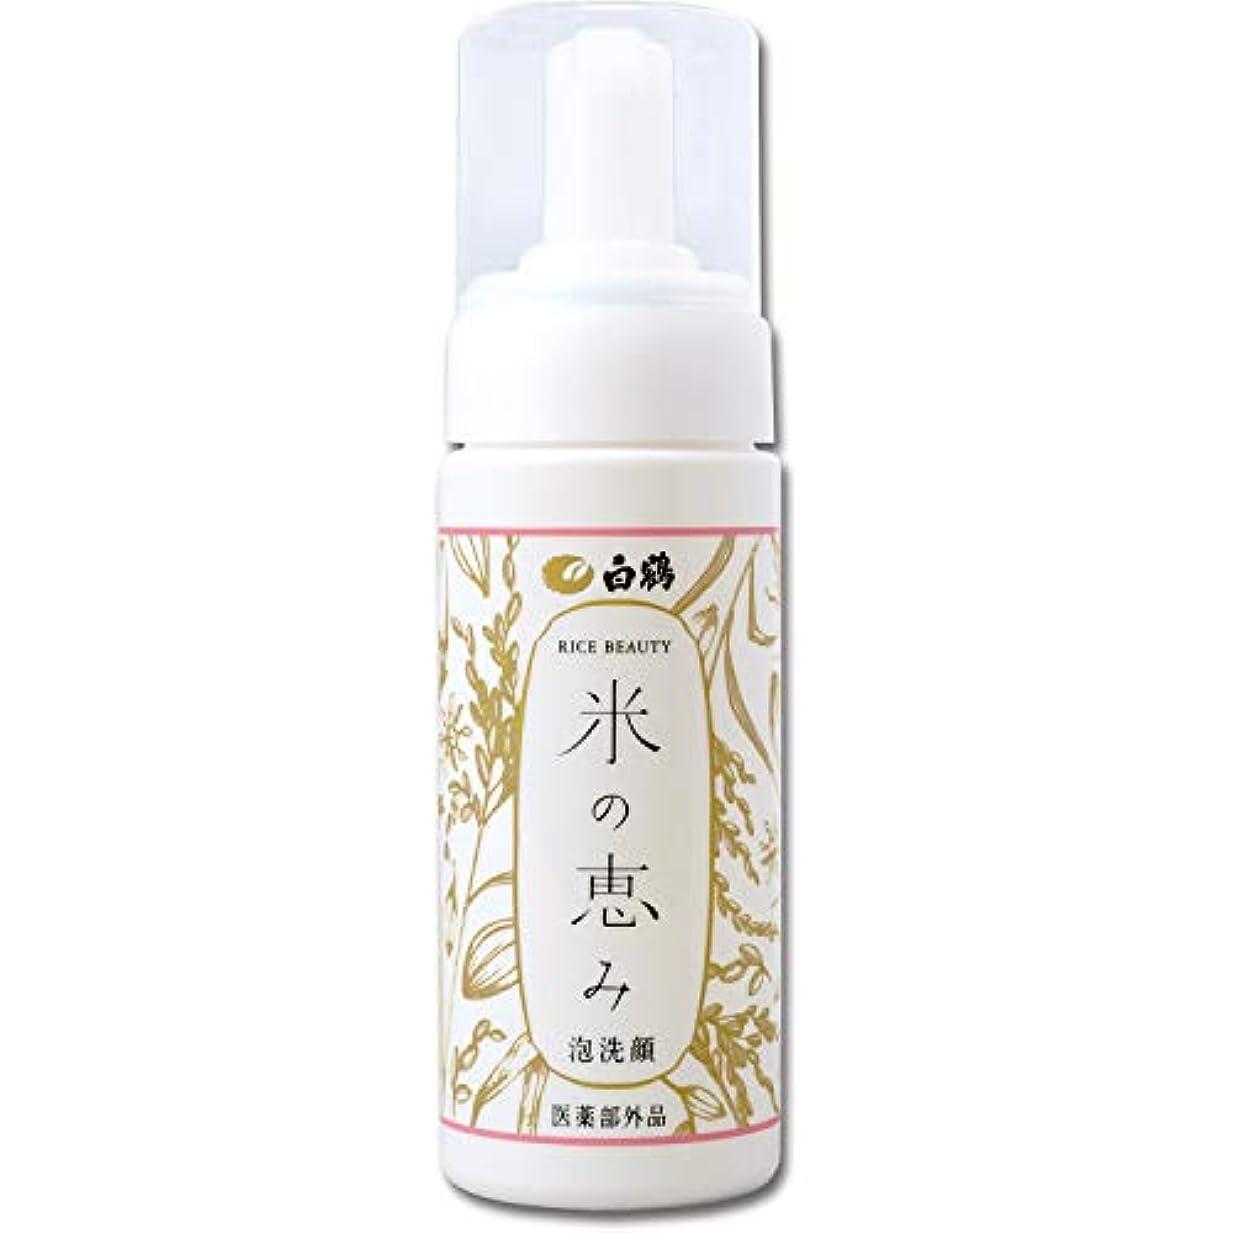 エロチックホールドオール水白鶴 ライスビューティー 米の恵み 泡洗顔 150ml (医薬部外品)